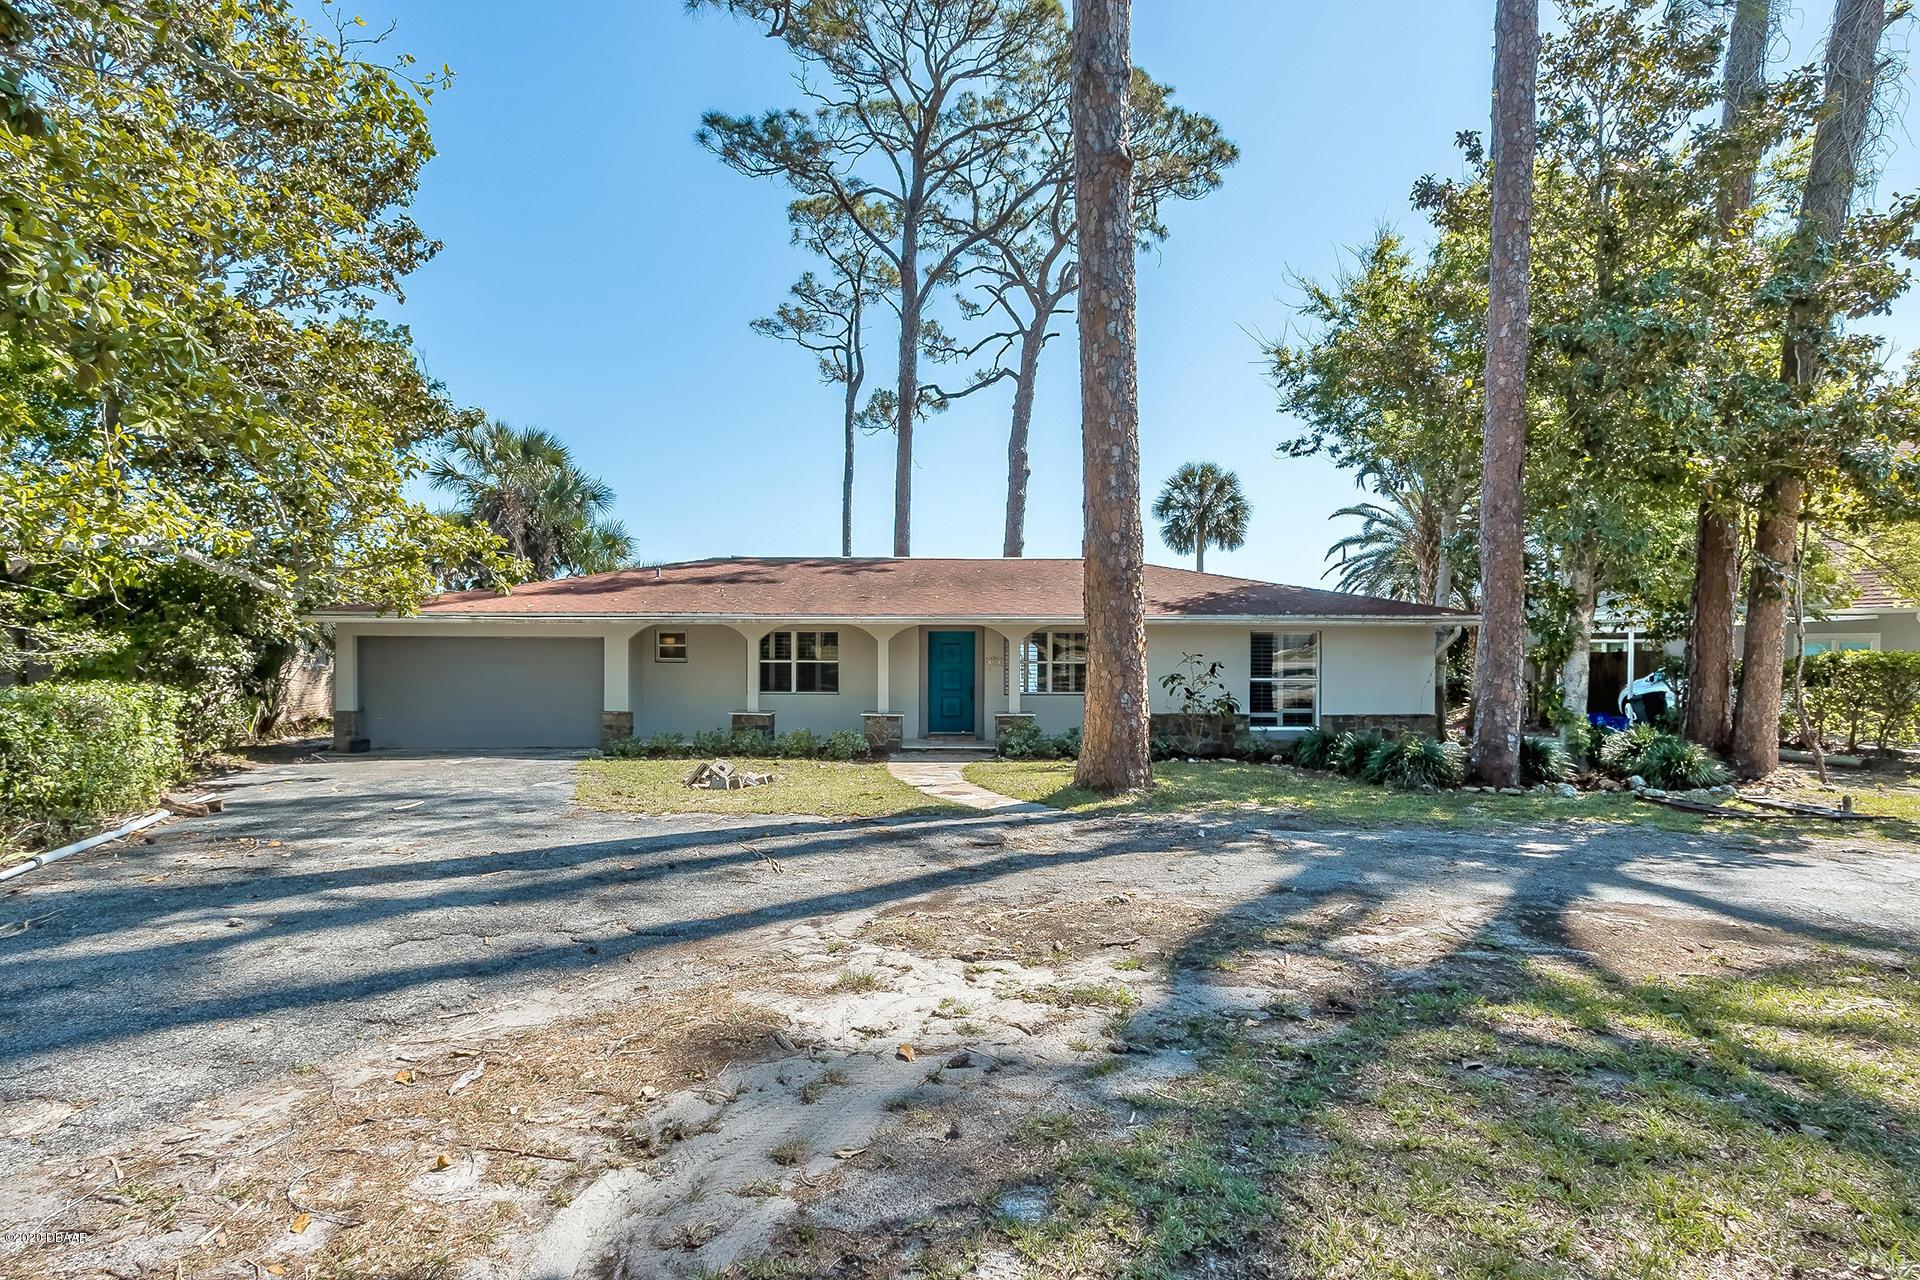 Photo of 307 N Beach Street, Ormond Beach, FL 32174